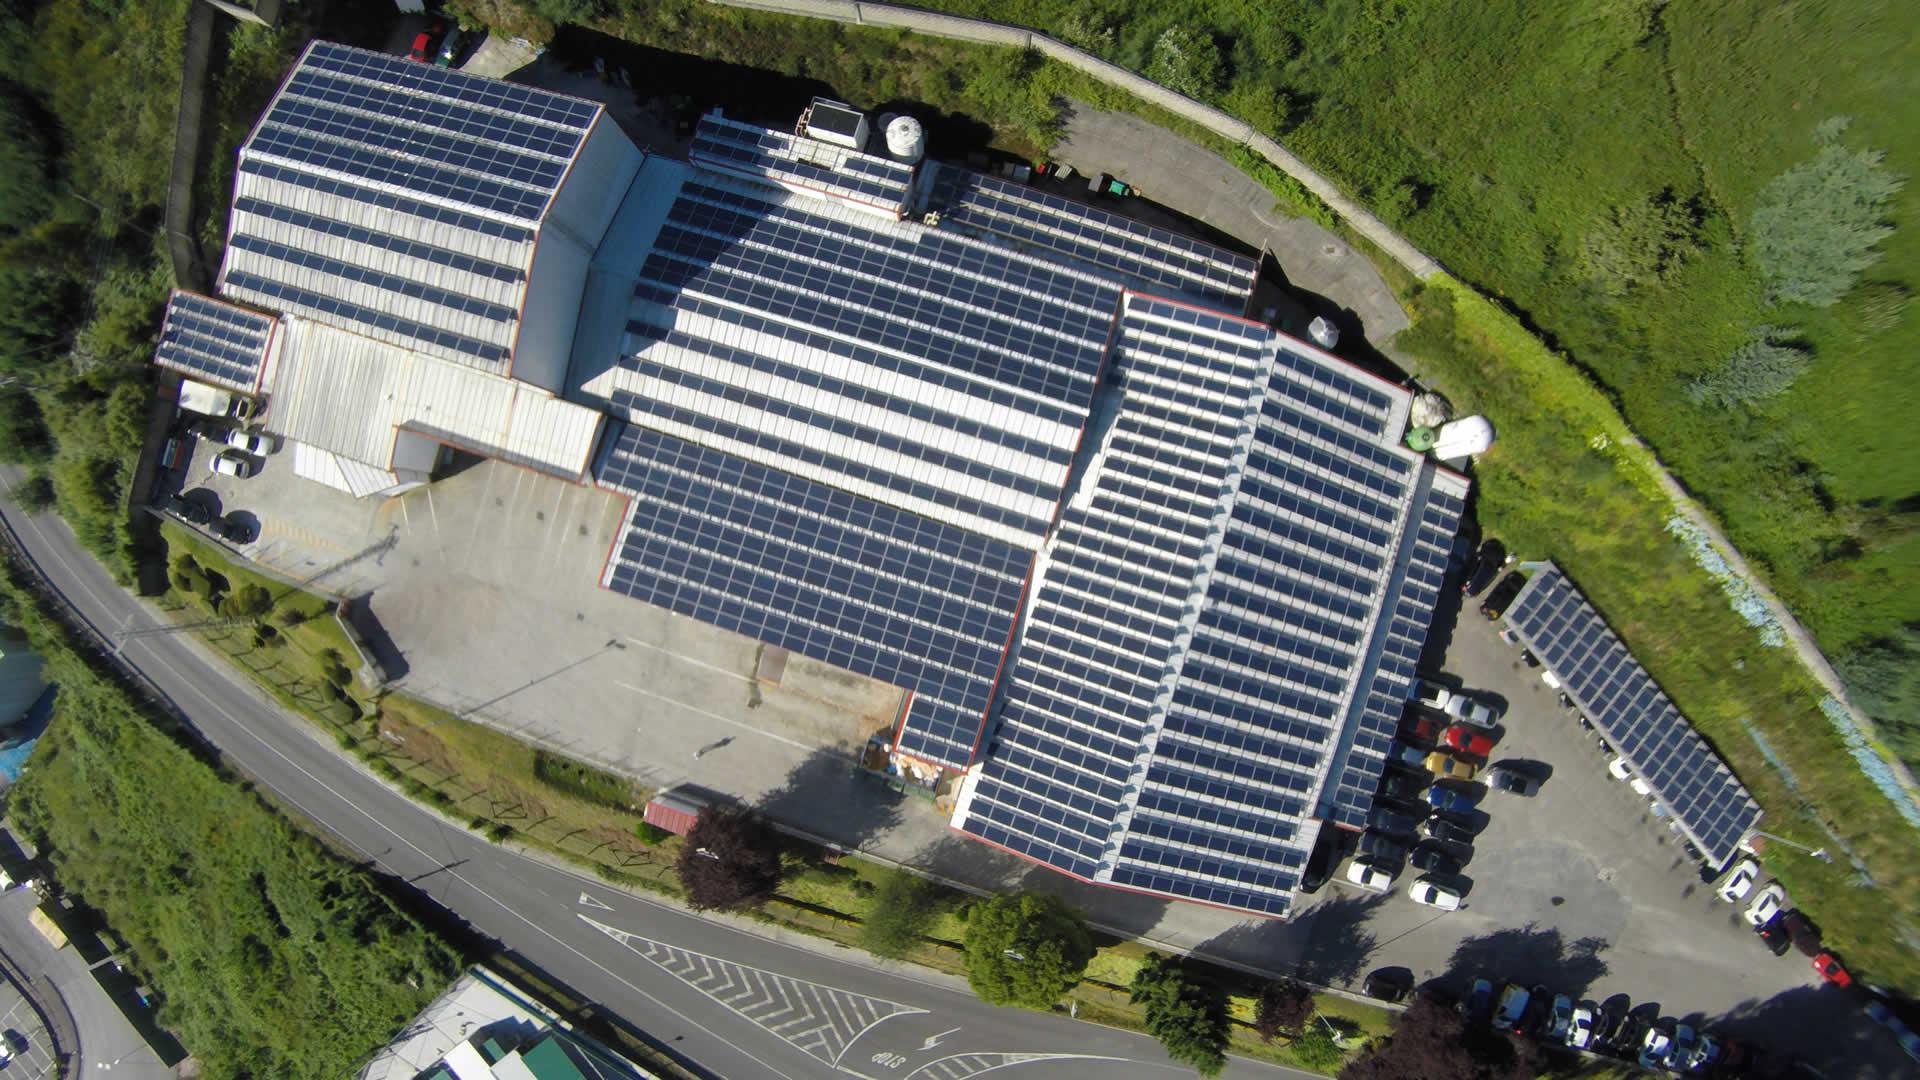 edf-solar-fotovoltaica-energia-avicola-lago-8